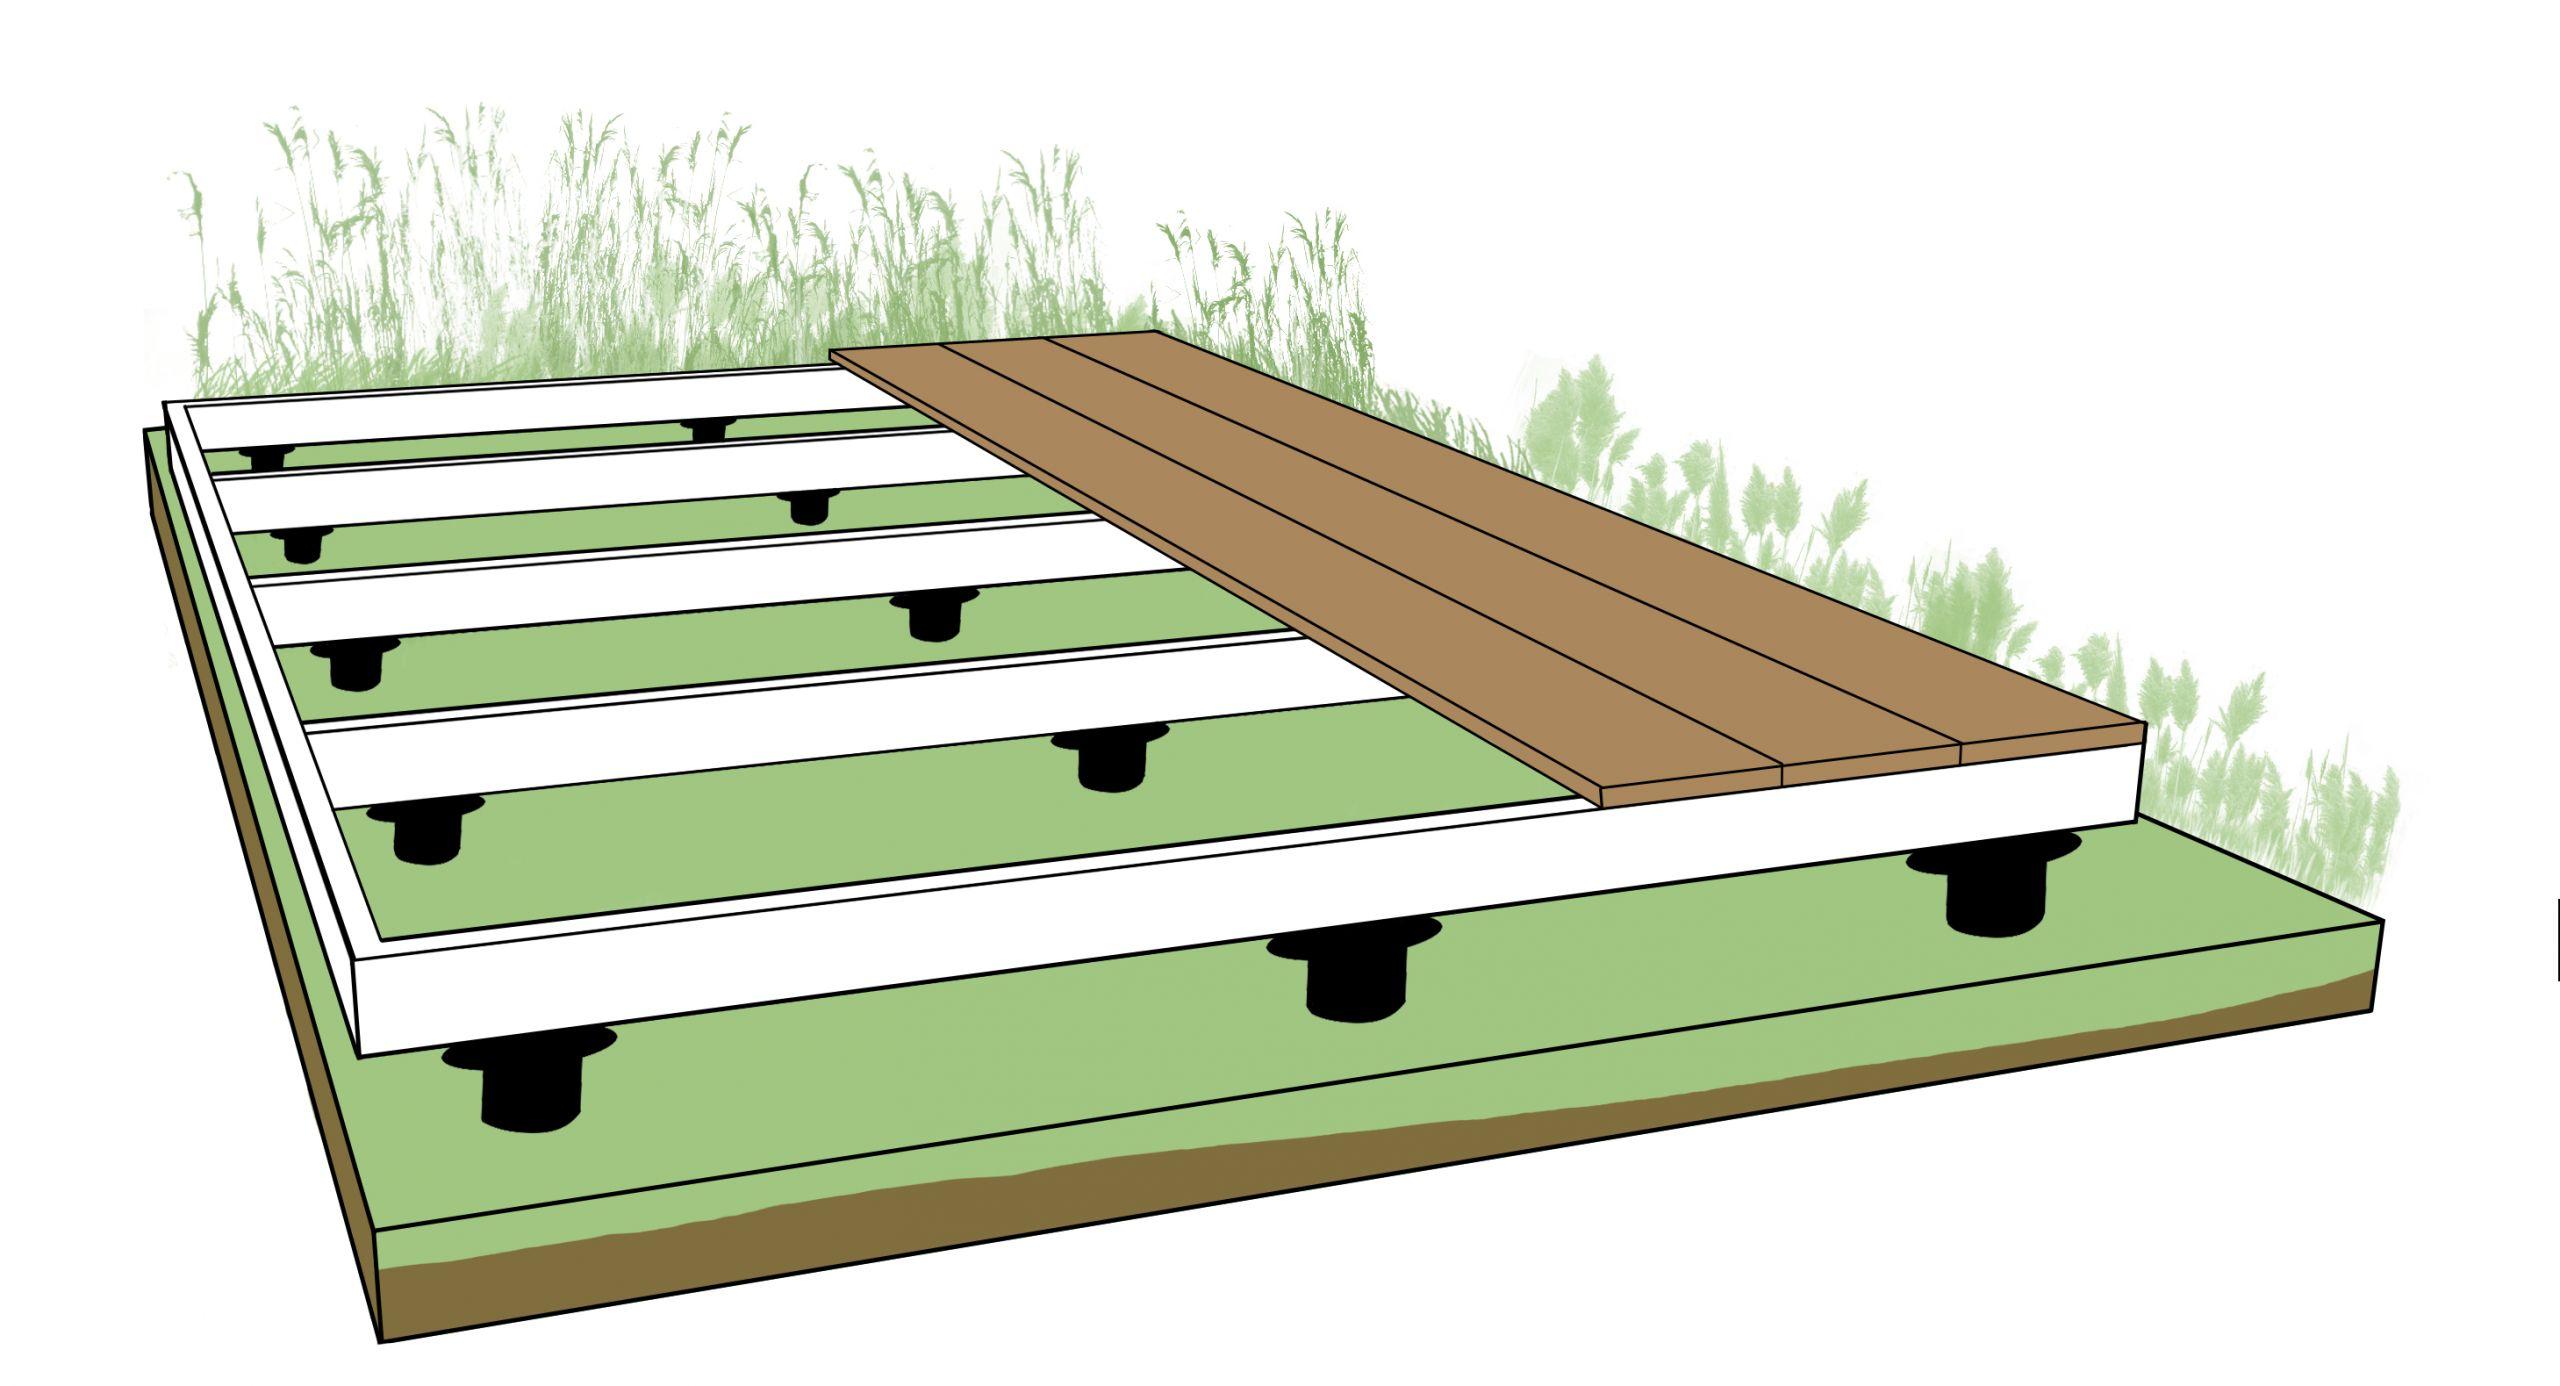 Construire une terrasse en bois pas cher Mailleraye